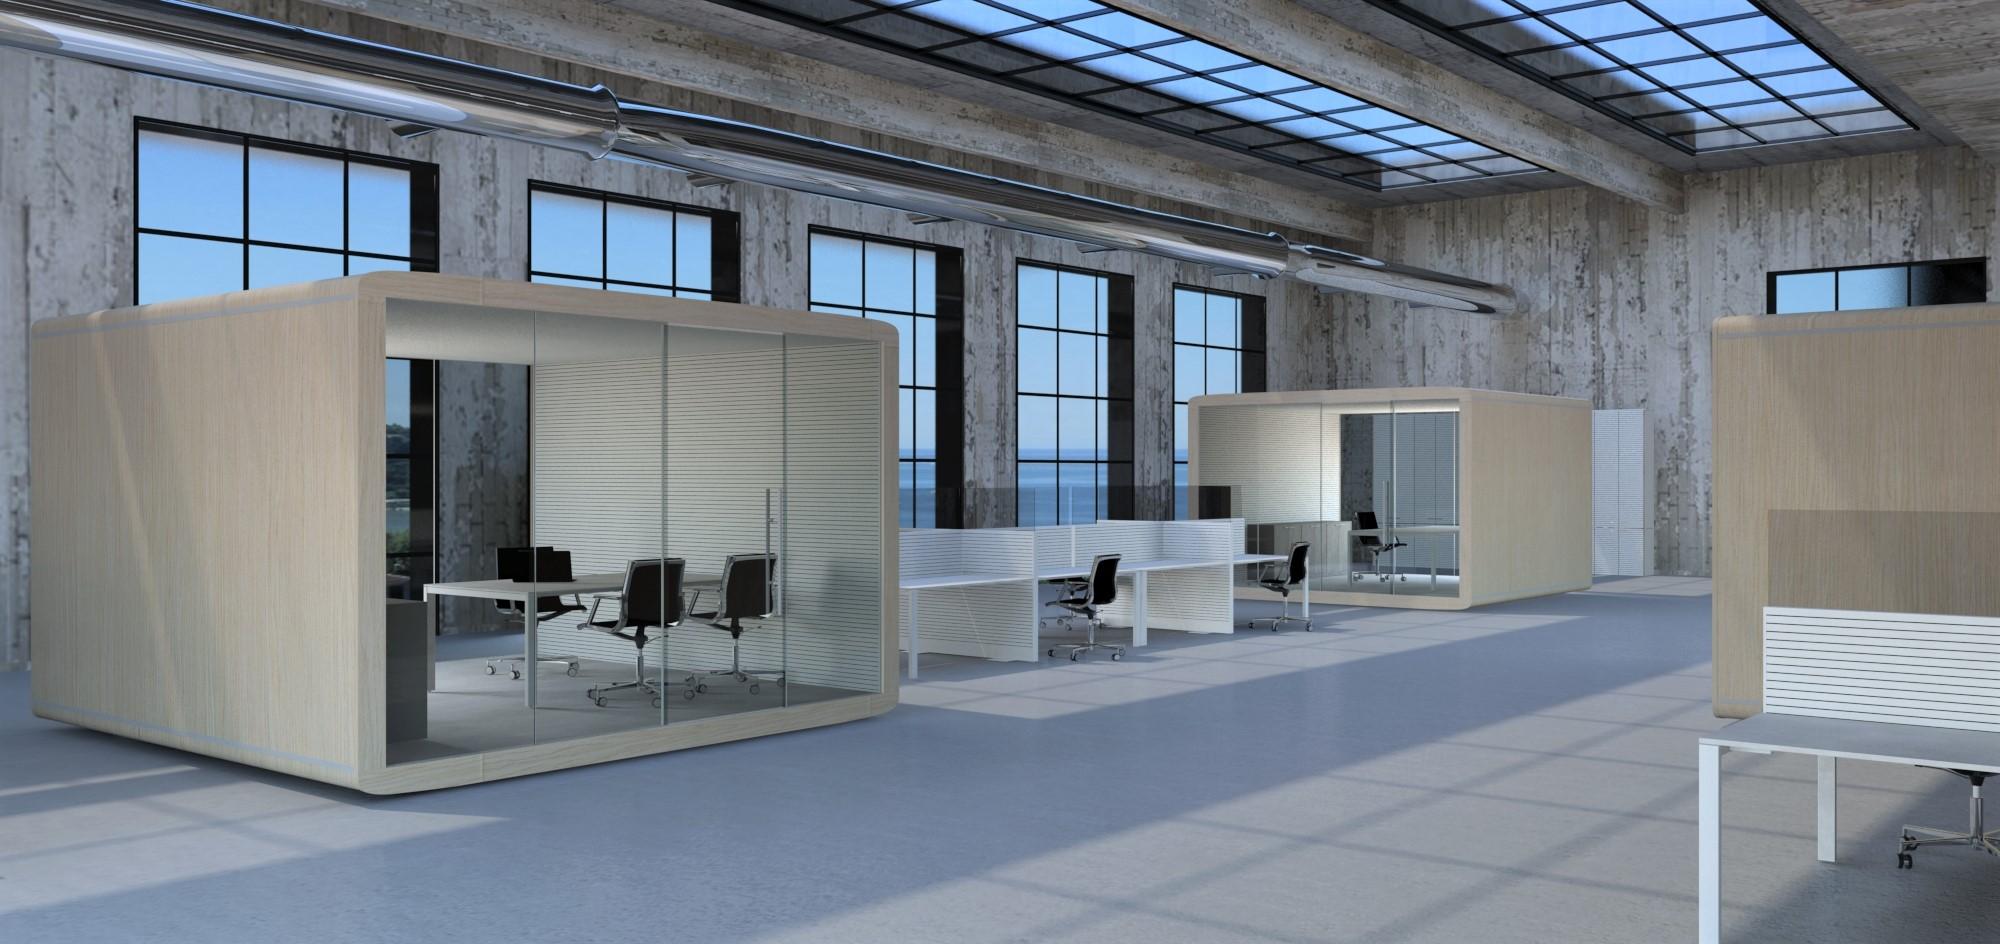 La linea di prodotti Acoustic BOX abbandona la tradizionale stanza rigida in muratura per dar vita a stanze indipendenti.Comfort acustico, eleganza e massima cura per il design sono gli elementi principali di questa linea che vuole emozionare.